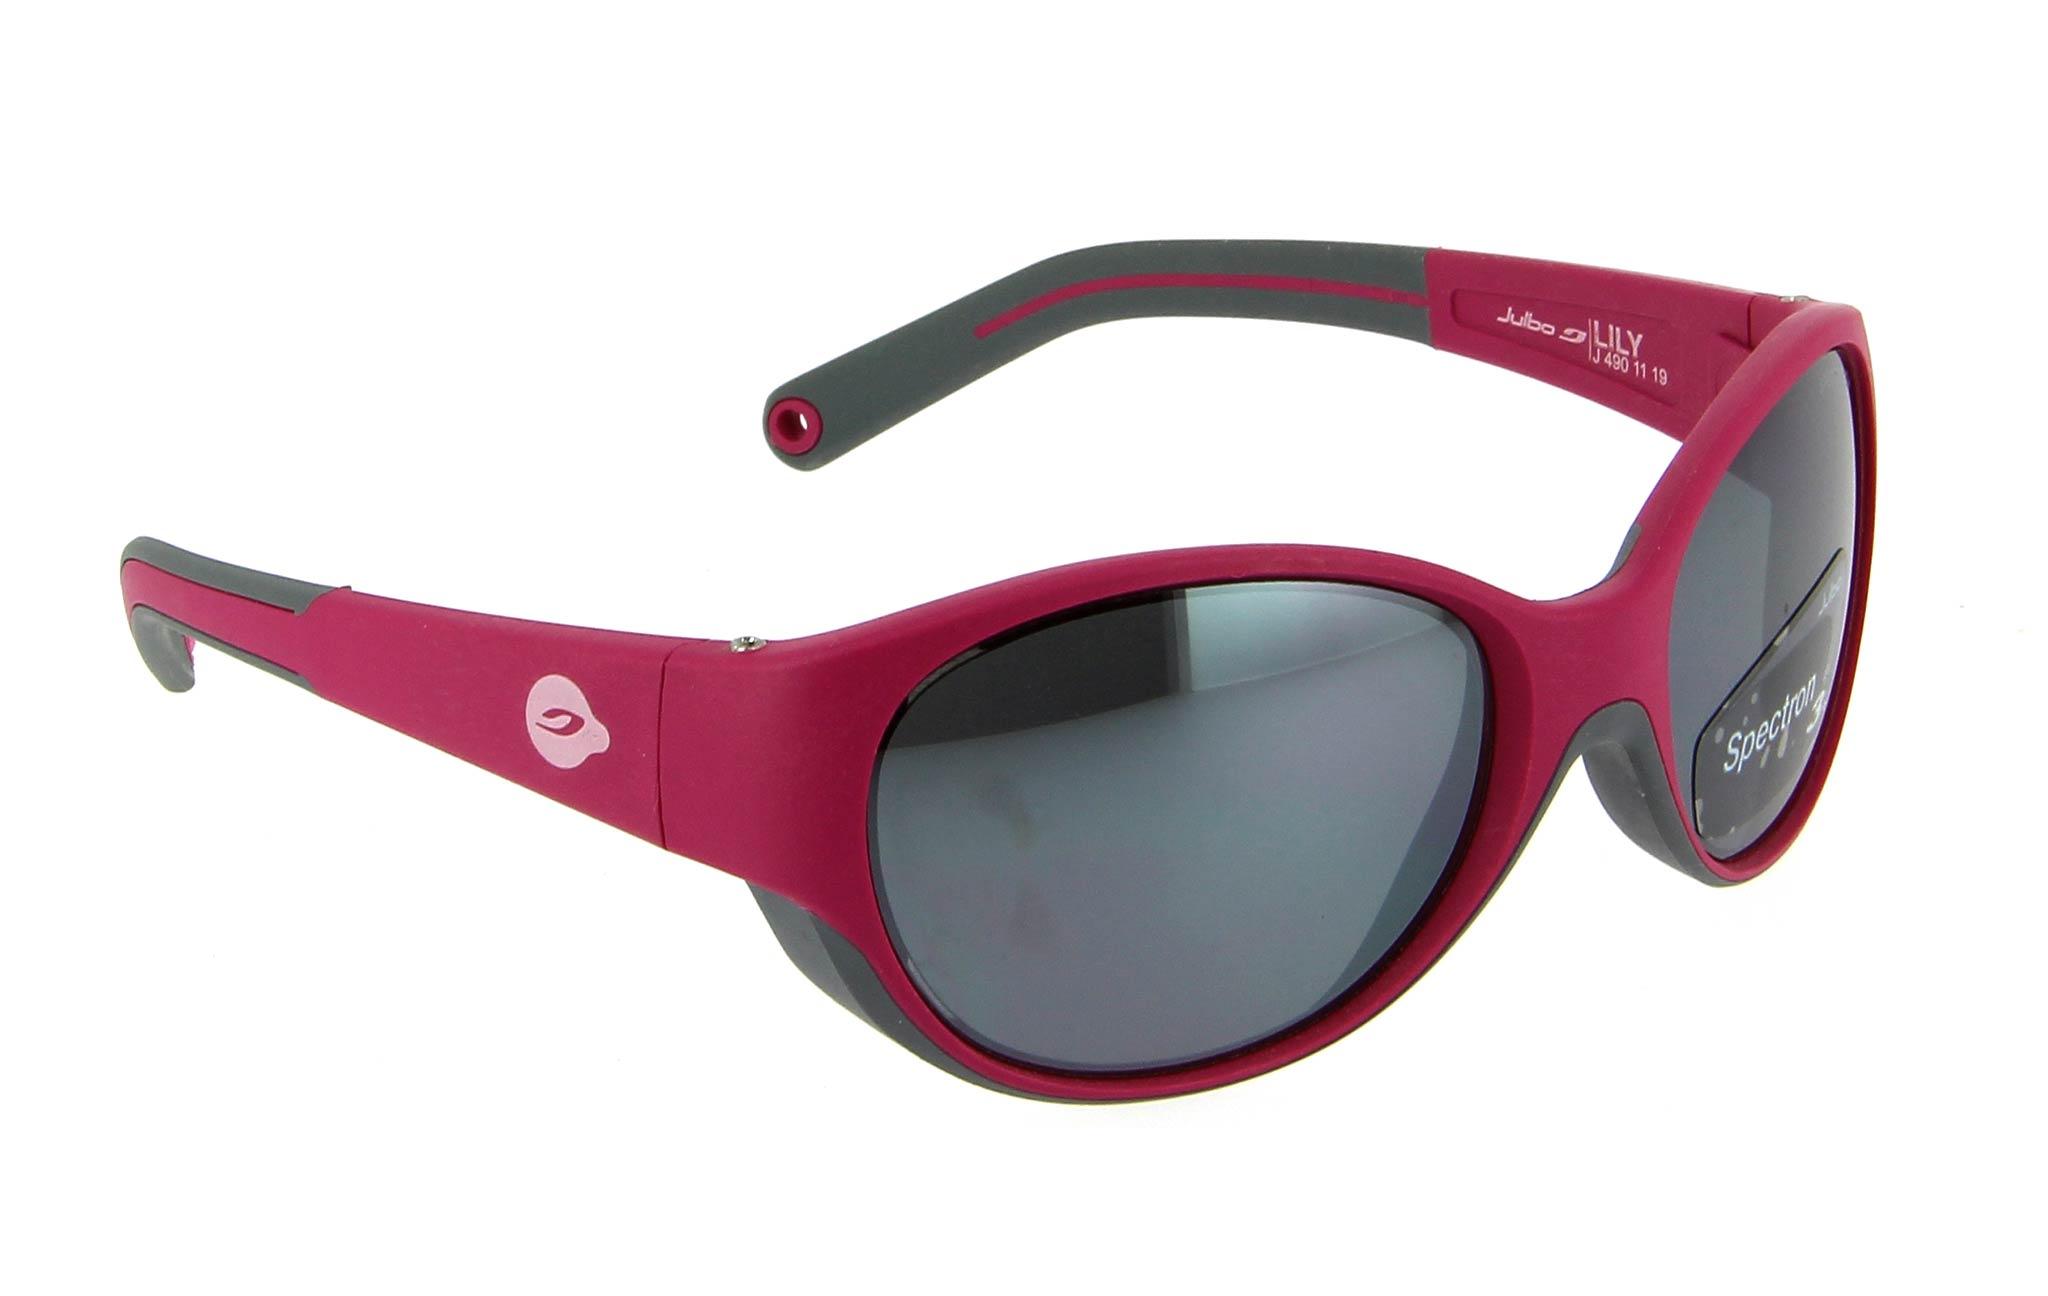 lunettes-enfant-julbo-lily-j-490-rose-gris